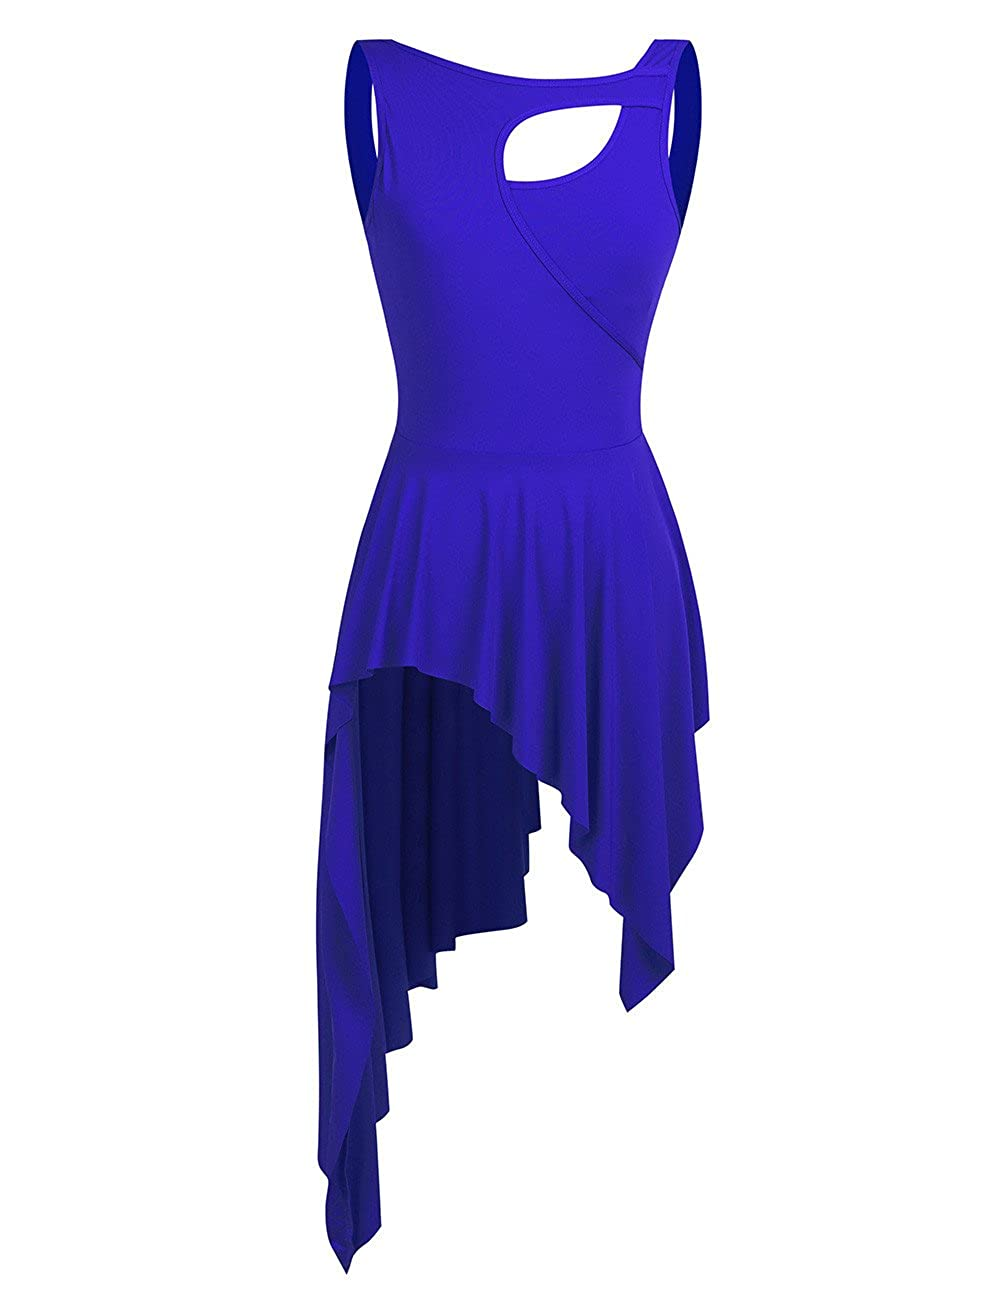 YiZYiF Damen Ballett Trikot Ballettanzug Latein Tanz-Kleider Gymnastikanzug Turnanzug Leotard mit Asymmetrisch Rock